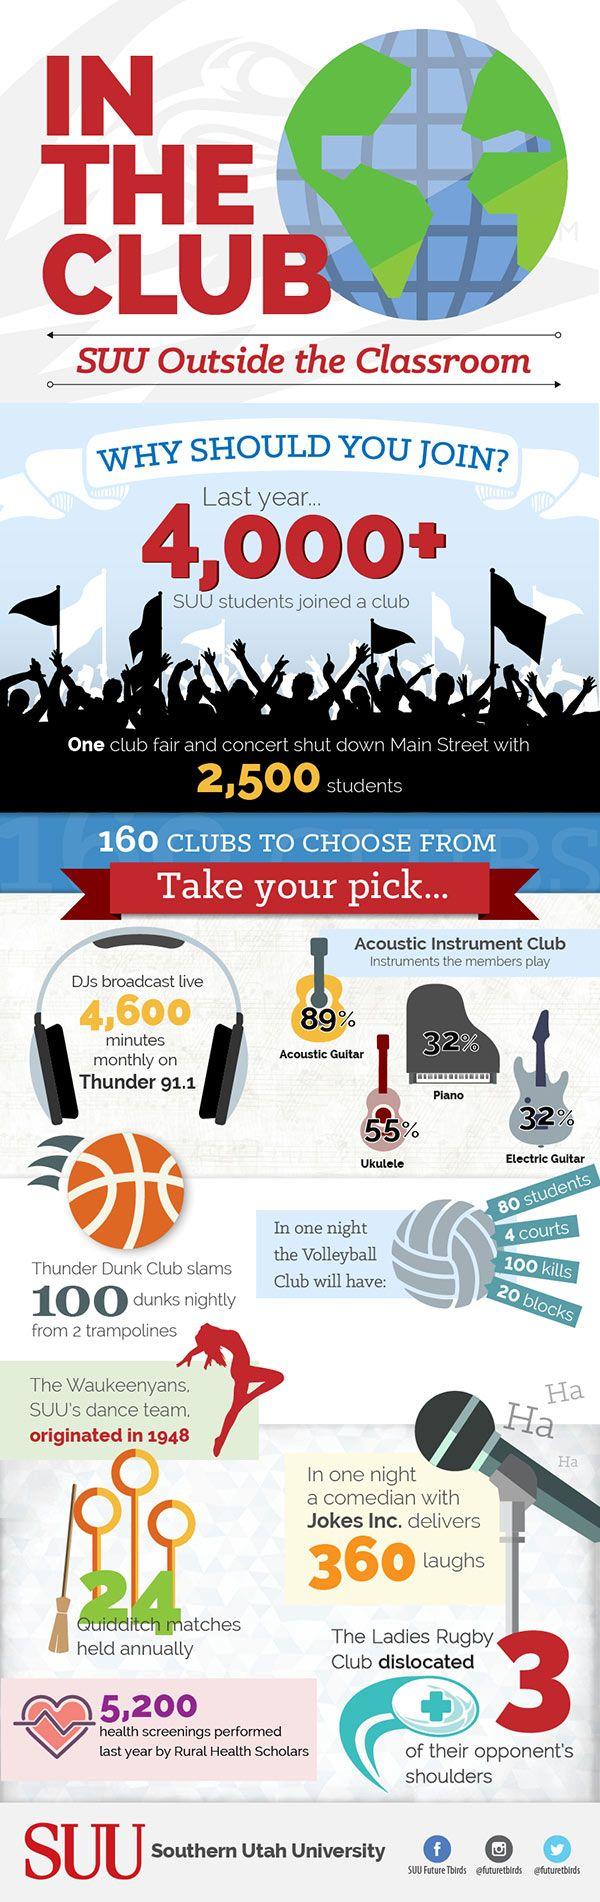 Clubs | SUUSA - Southern Utah University Student Association | SUU